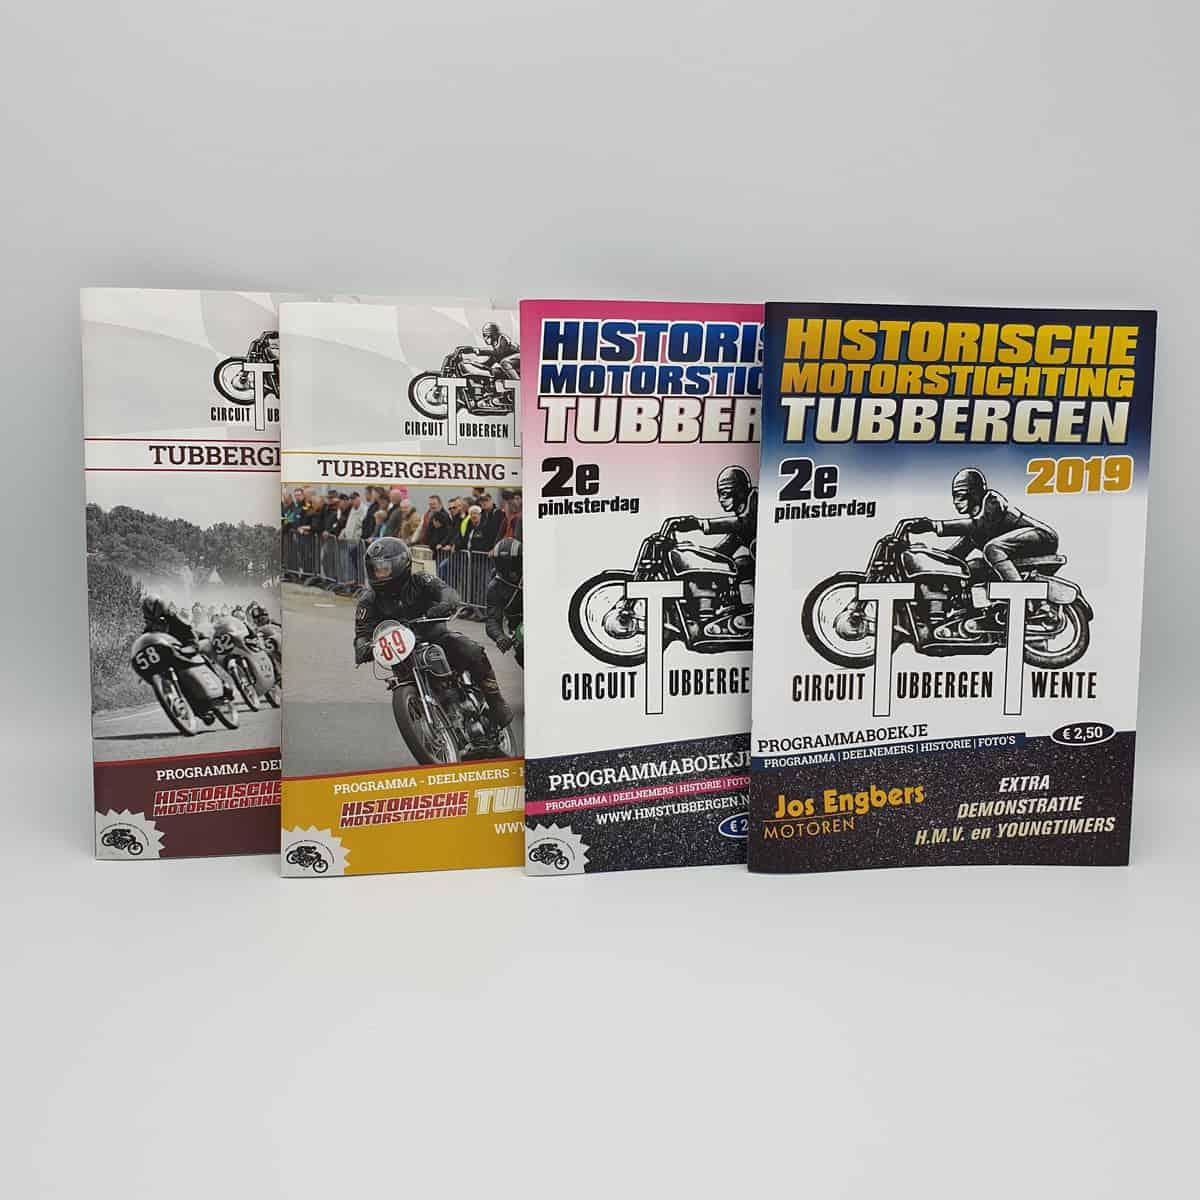 HMS-tubbergen-huisstijl-programmaboekjes-burobedenkt1